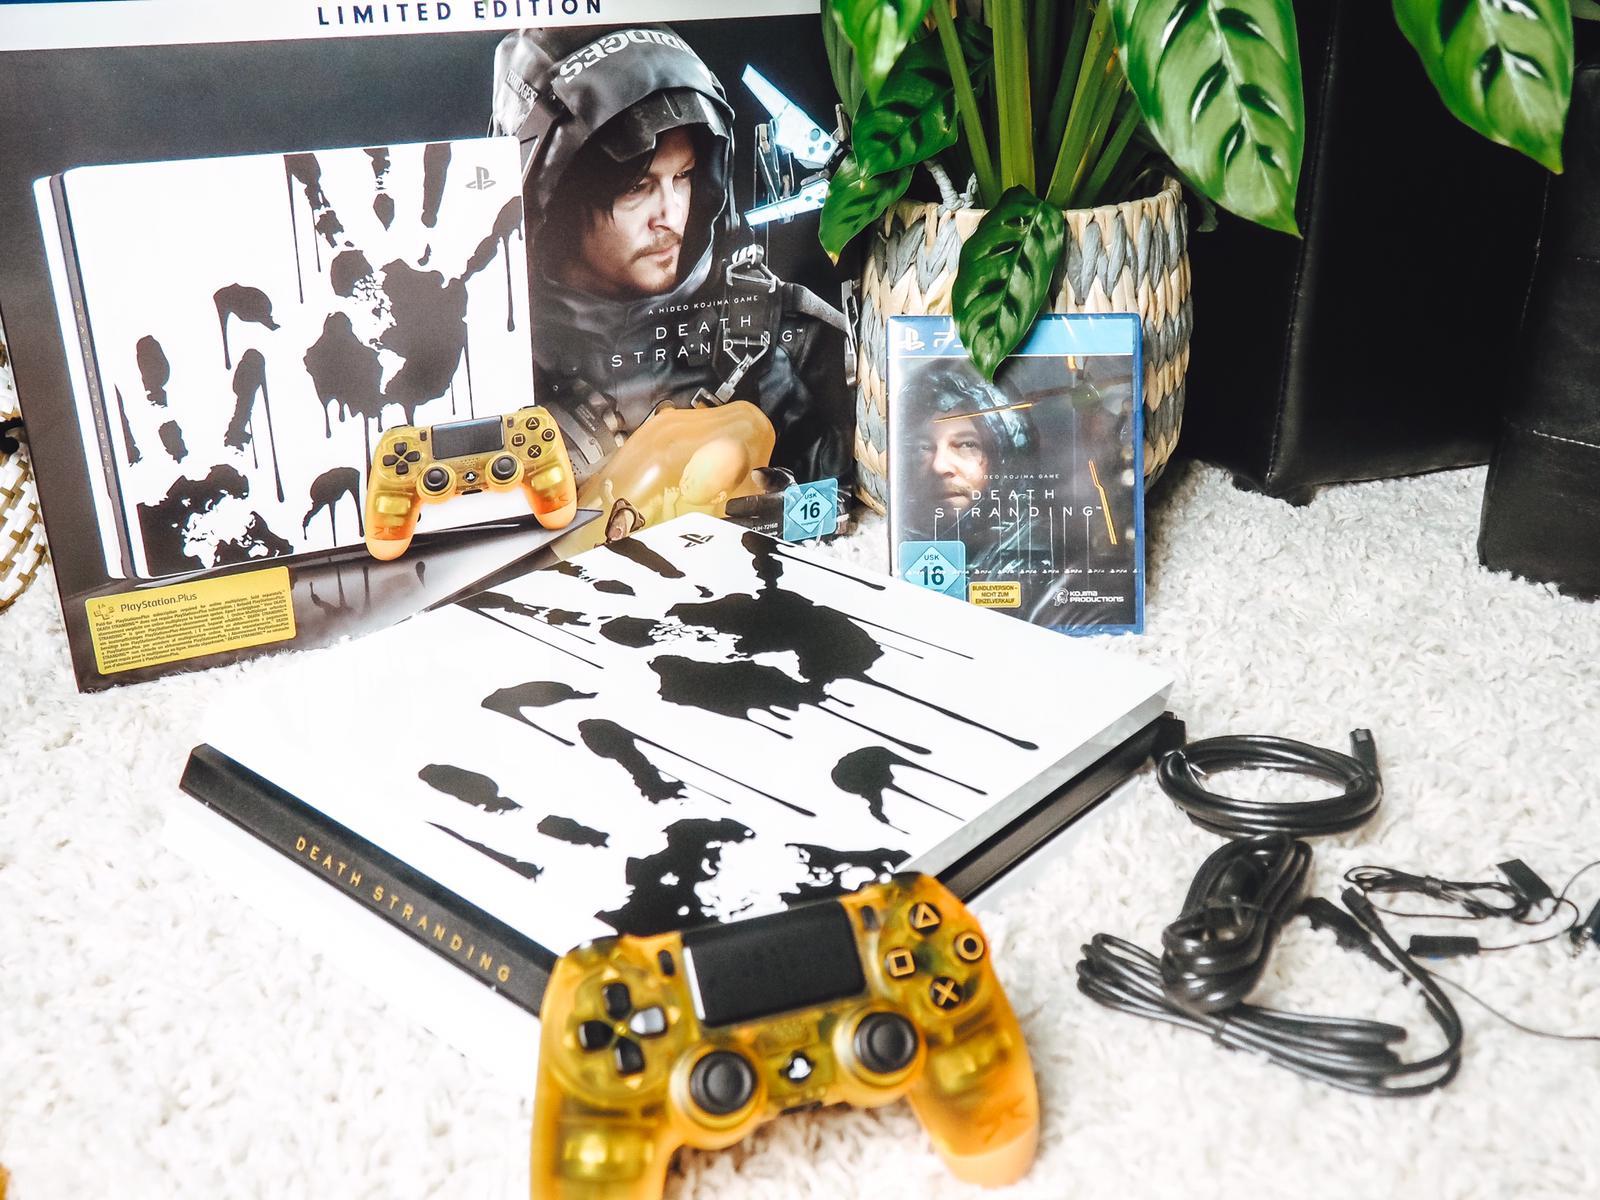 Die neue PS4 Pro Death Stranding Limited Edition ist am 8.11.2019 offiziell erschienen. ✔️Heute ein ausführliches Unboxing auf dem Gamer Girlz Blog ✔️.